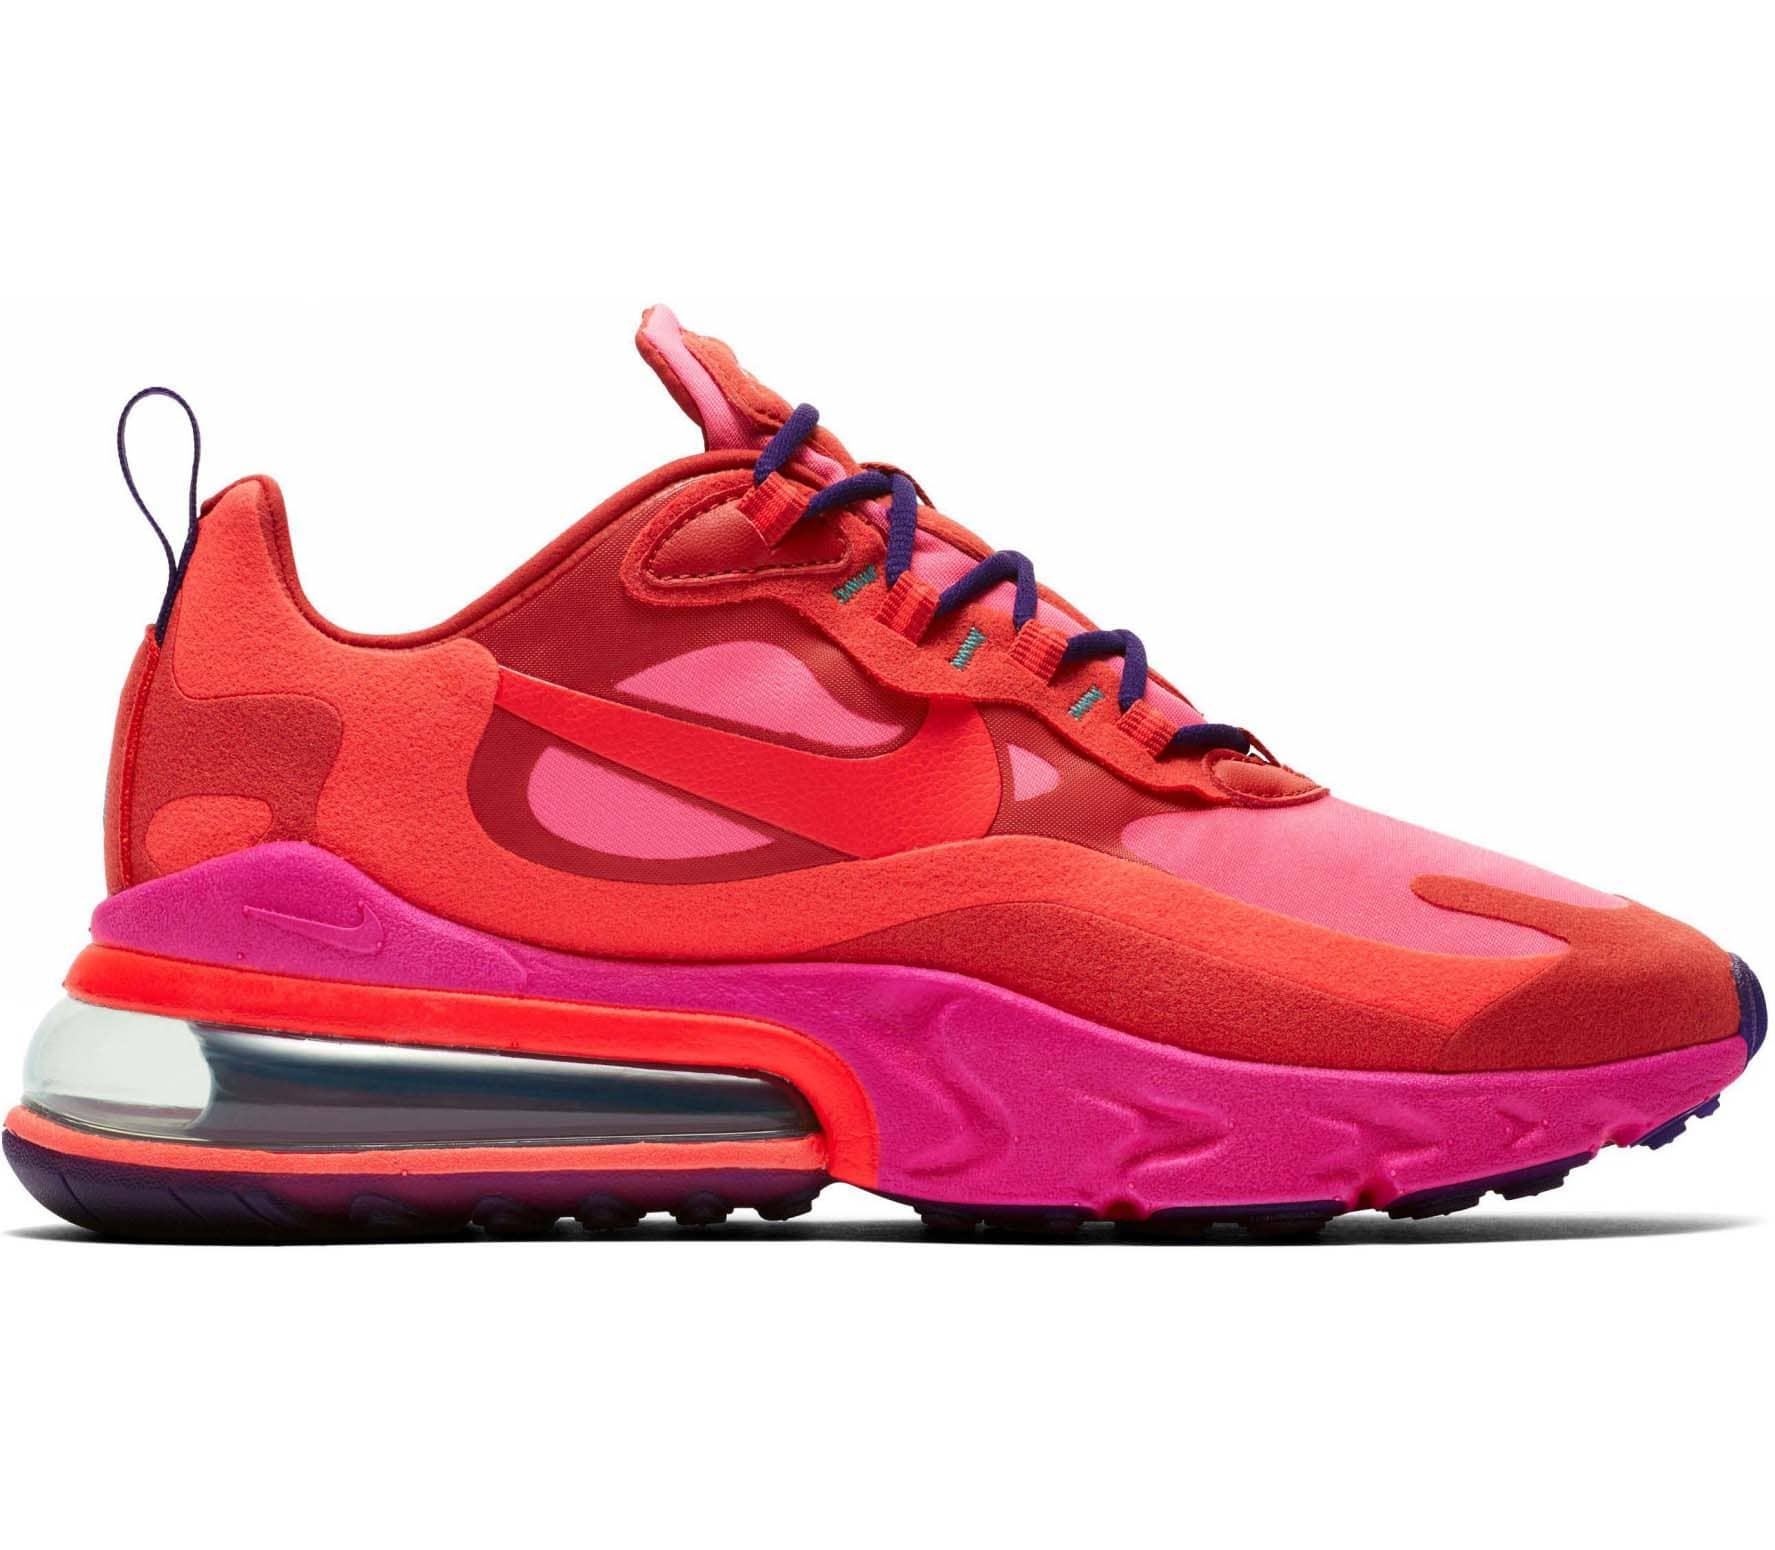 Nike Air Max 270 React Schuhe günstig online kaufen | LadenZeile